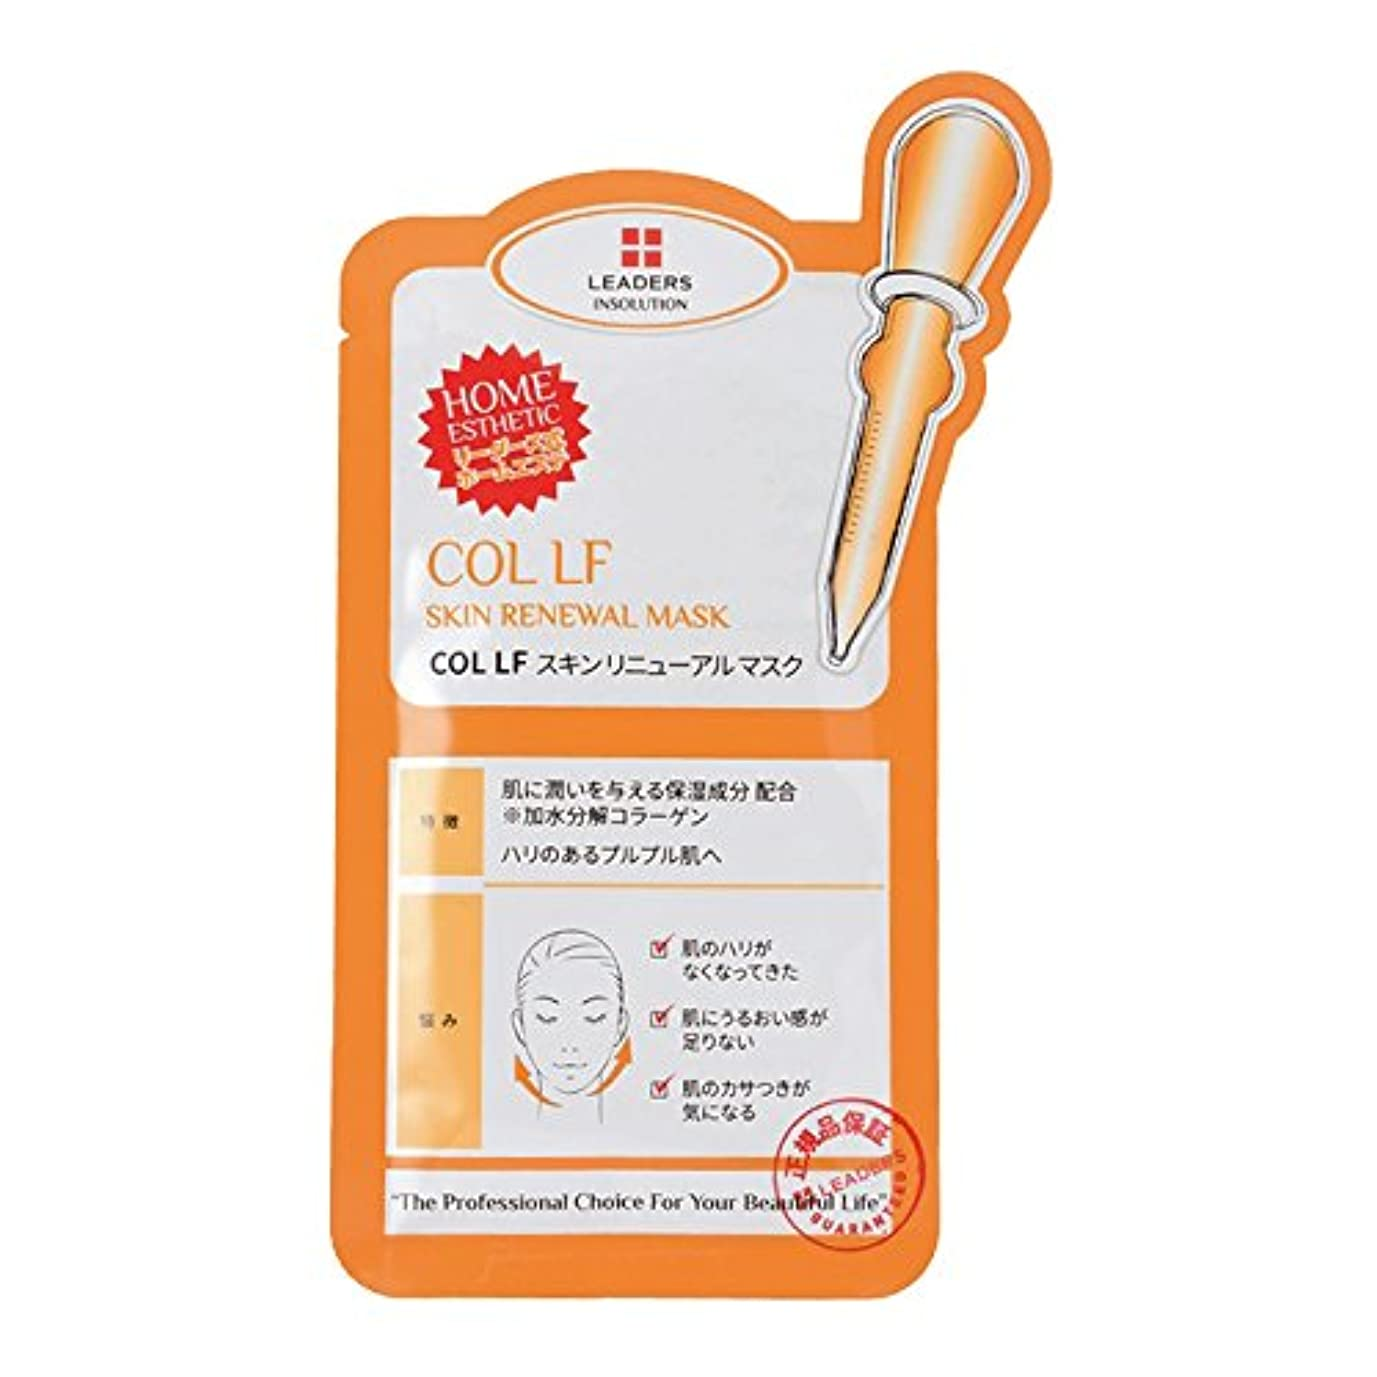 ケイ素アライメント驚くばかり日本限定版 国内正規品 LEADERS リーダース コラーゲンリフティング スキンリニュアル マスク 1枚 25ml ハリ ツヤ エイジングケア